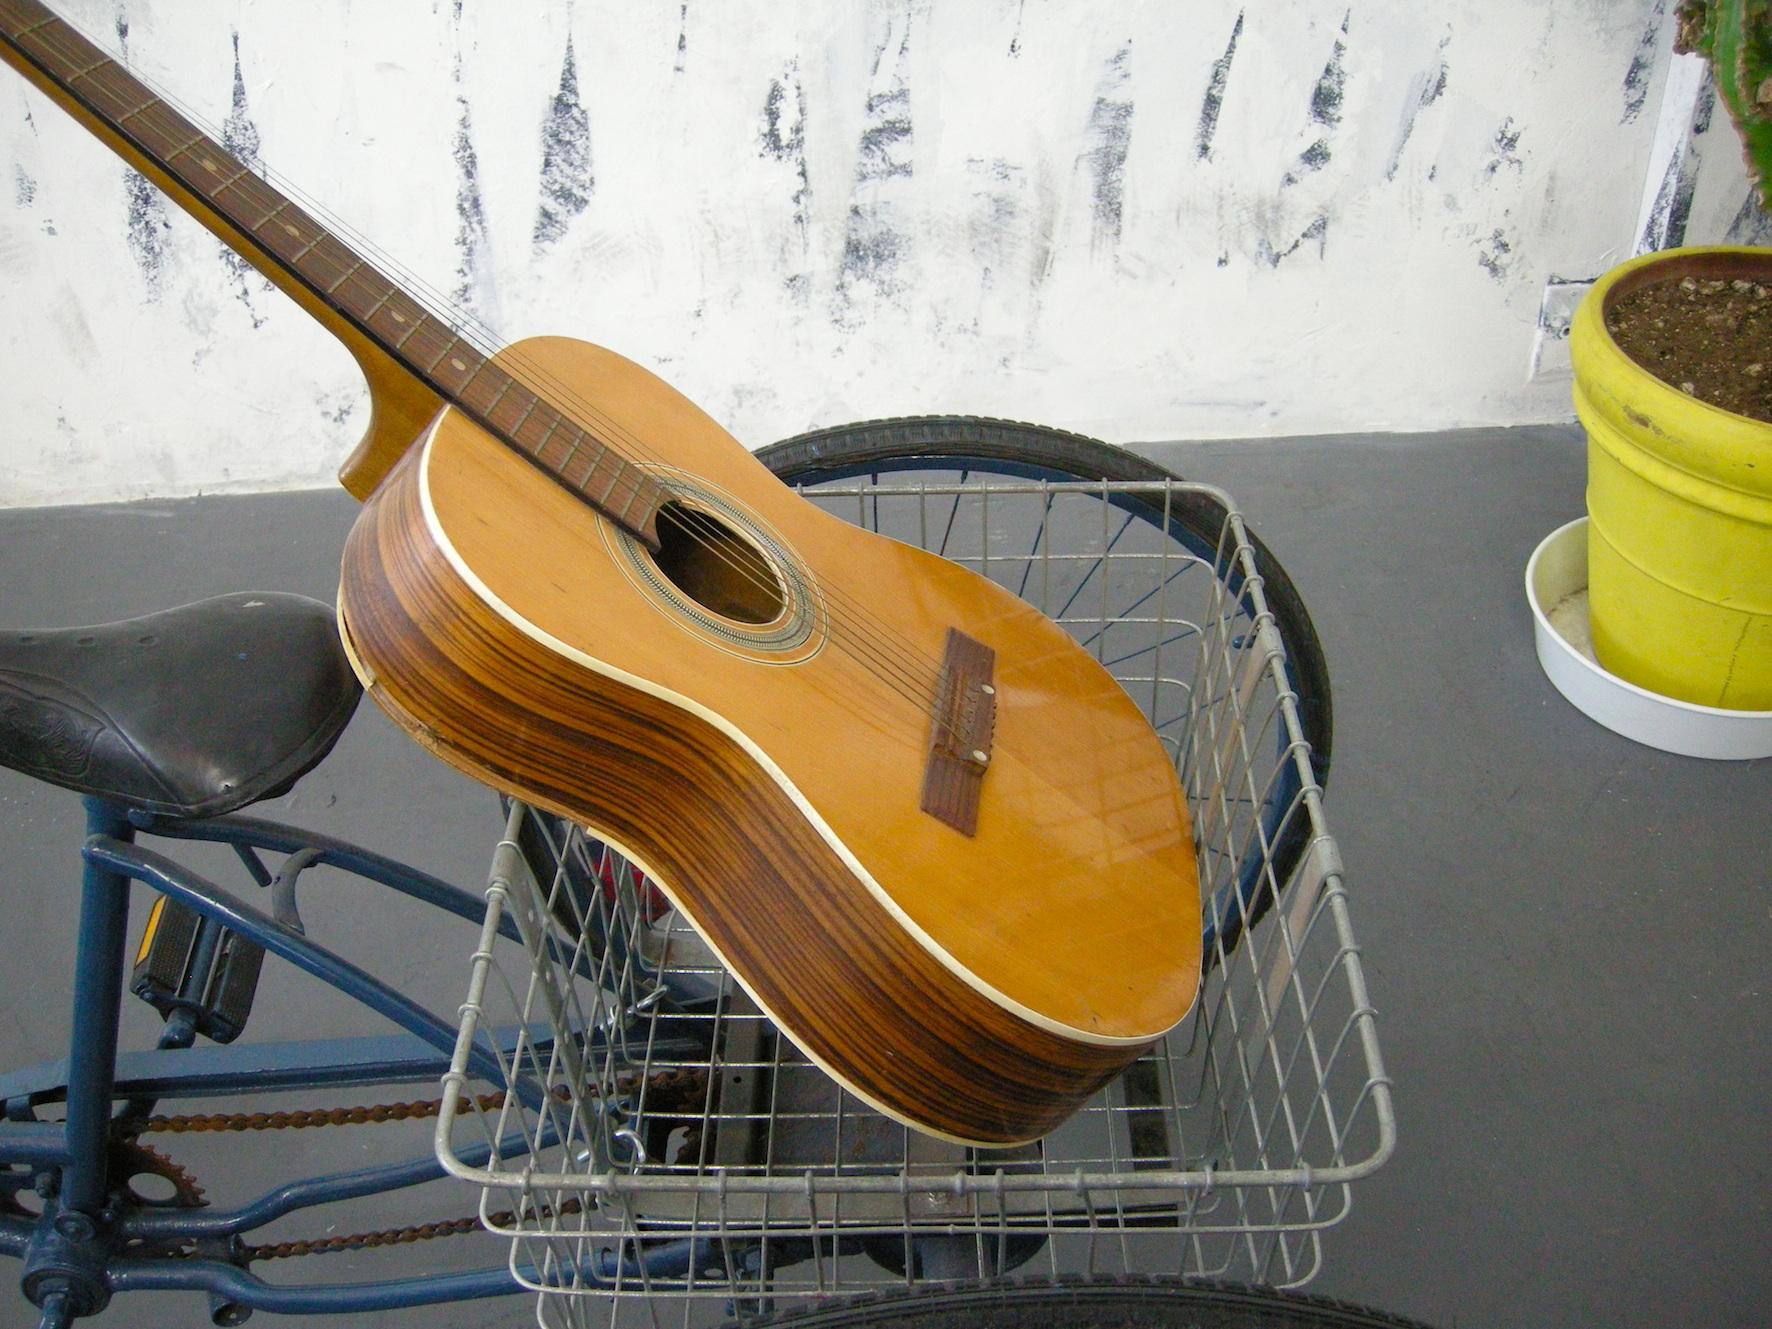 DSCN2492